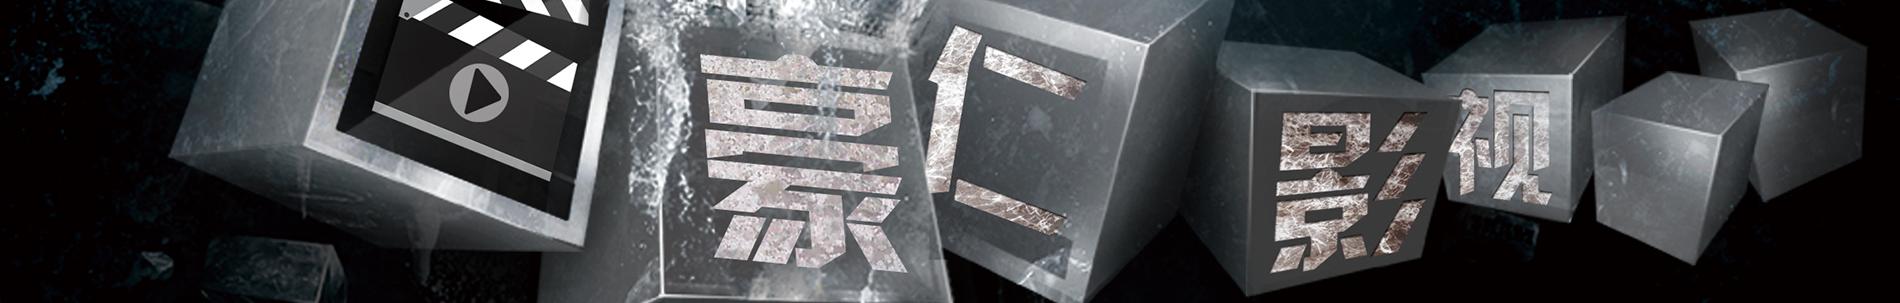 豪仁传媒 banner